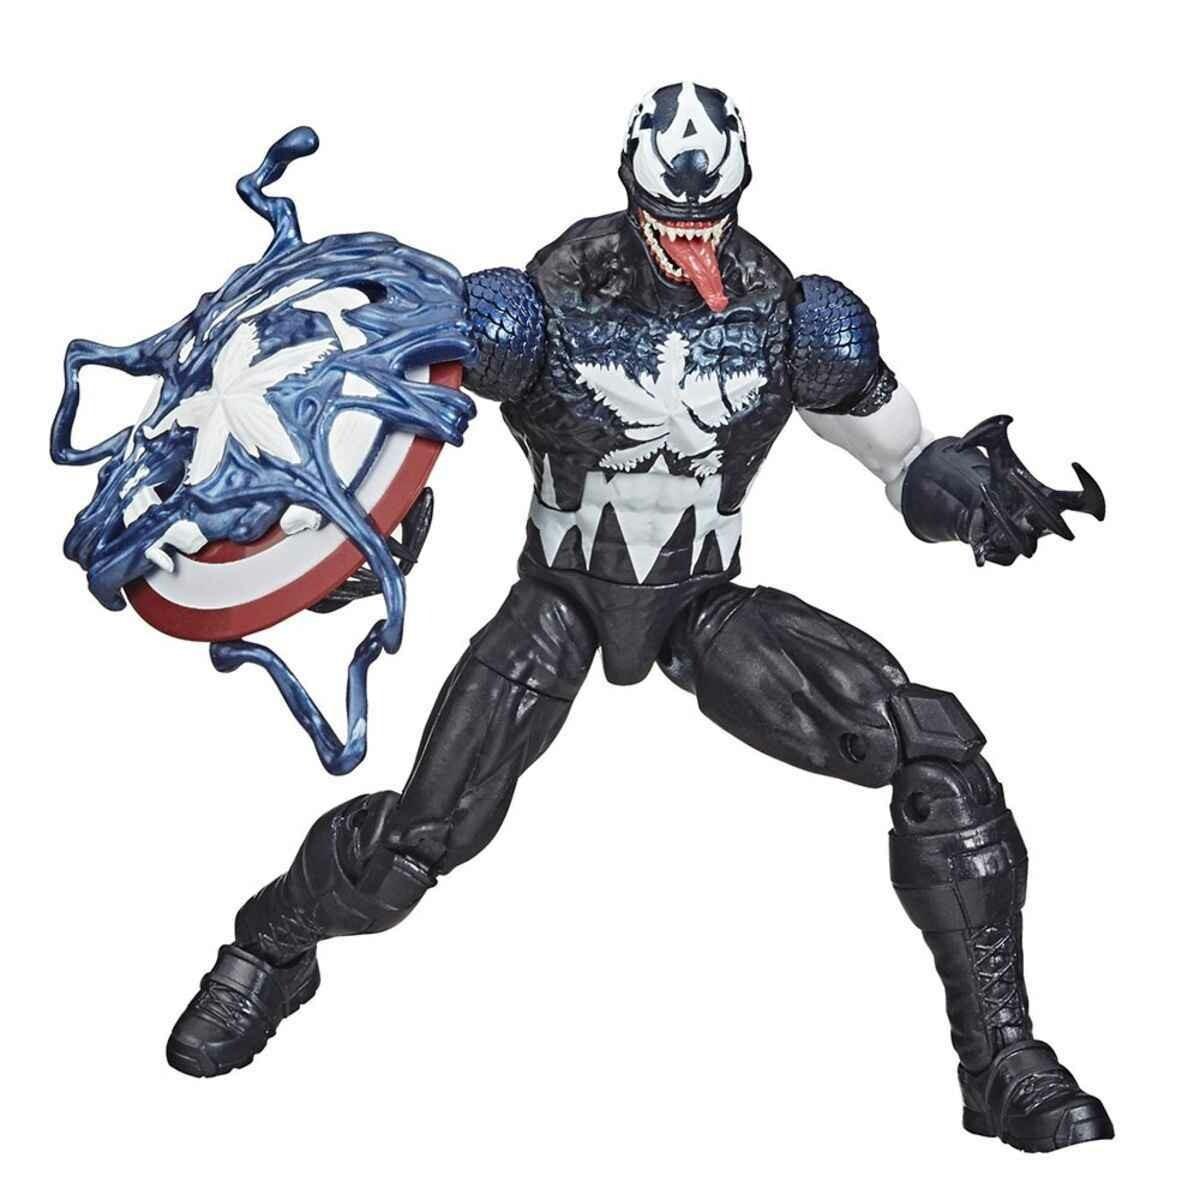 Hasbro - Spiderman Legends Maximum Venom